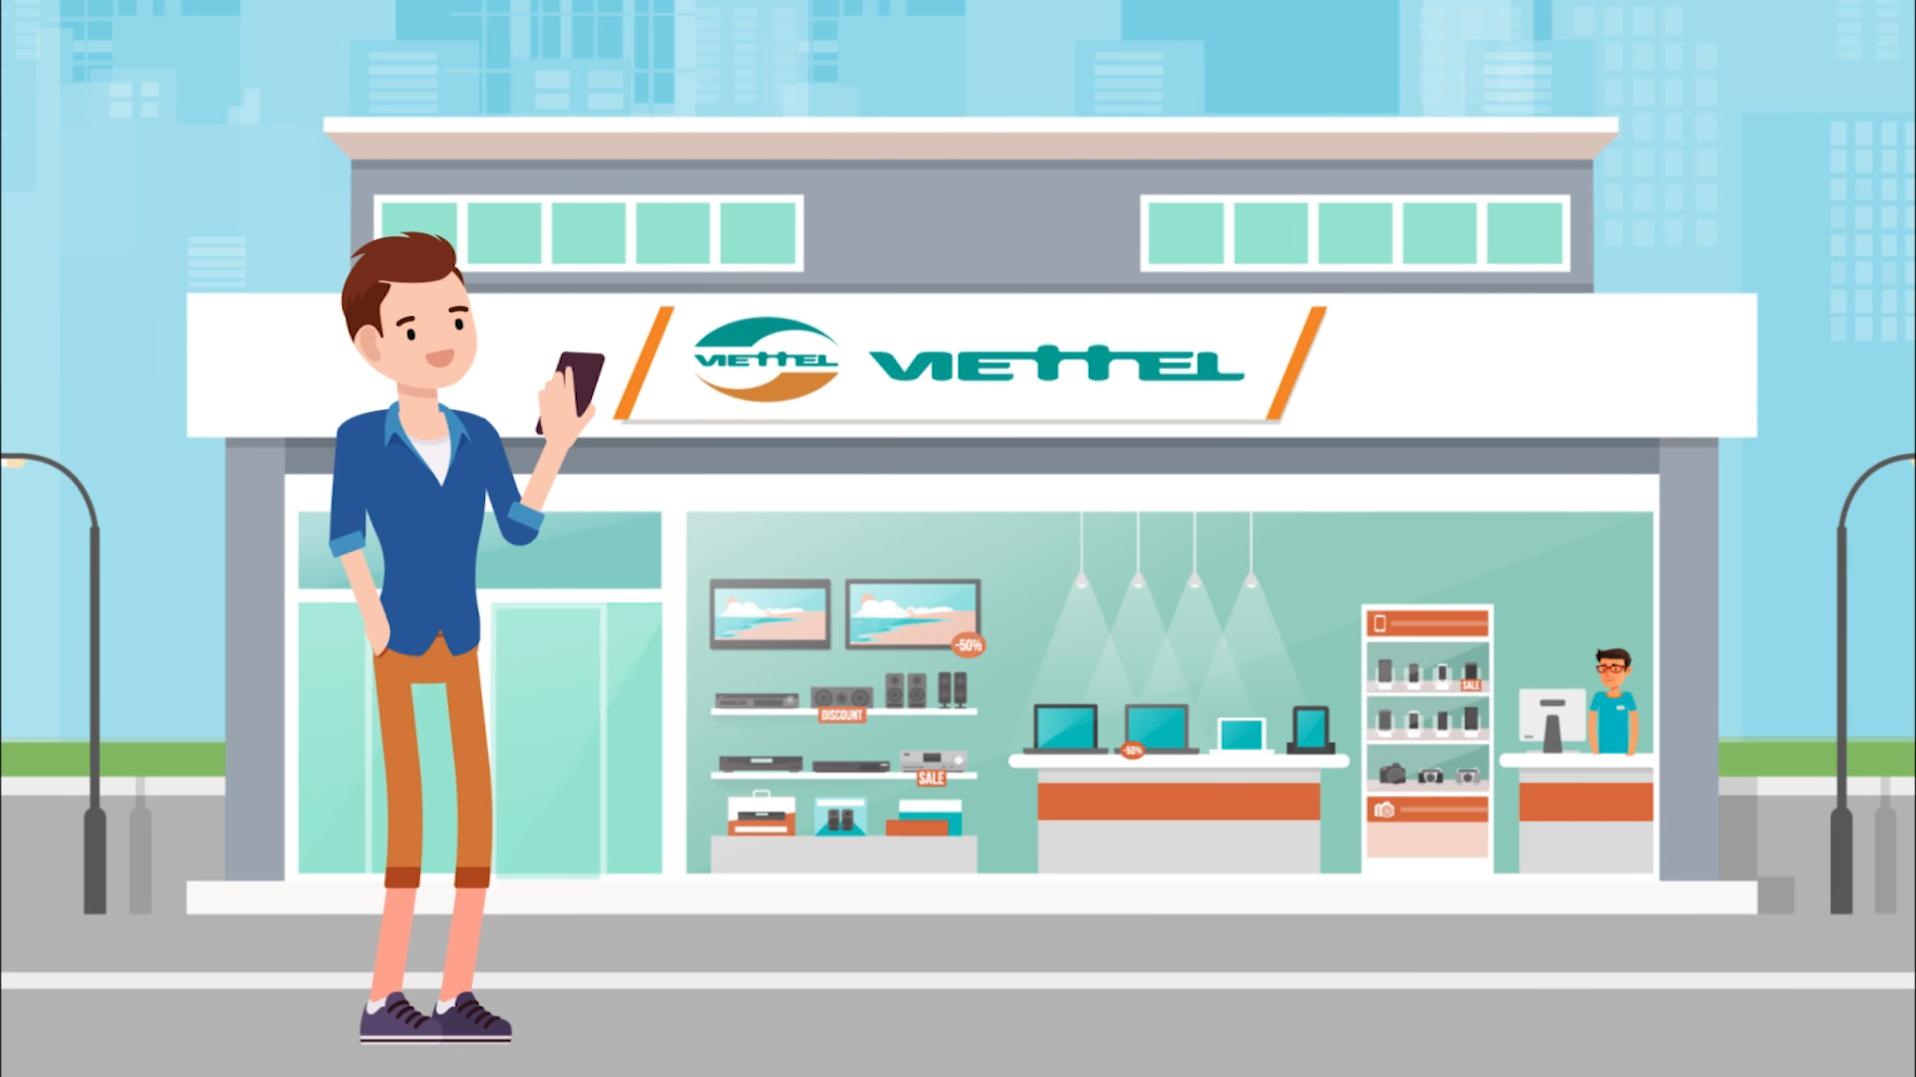 Lý do ứng dụng Viettel không xác nhận dù đã bổ sung thông tin thuê bao qua smartphone - Ảnh 2.